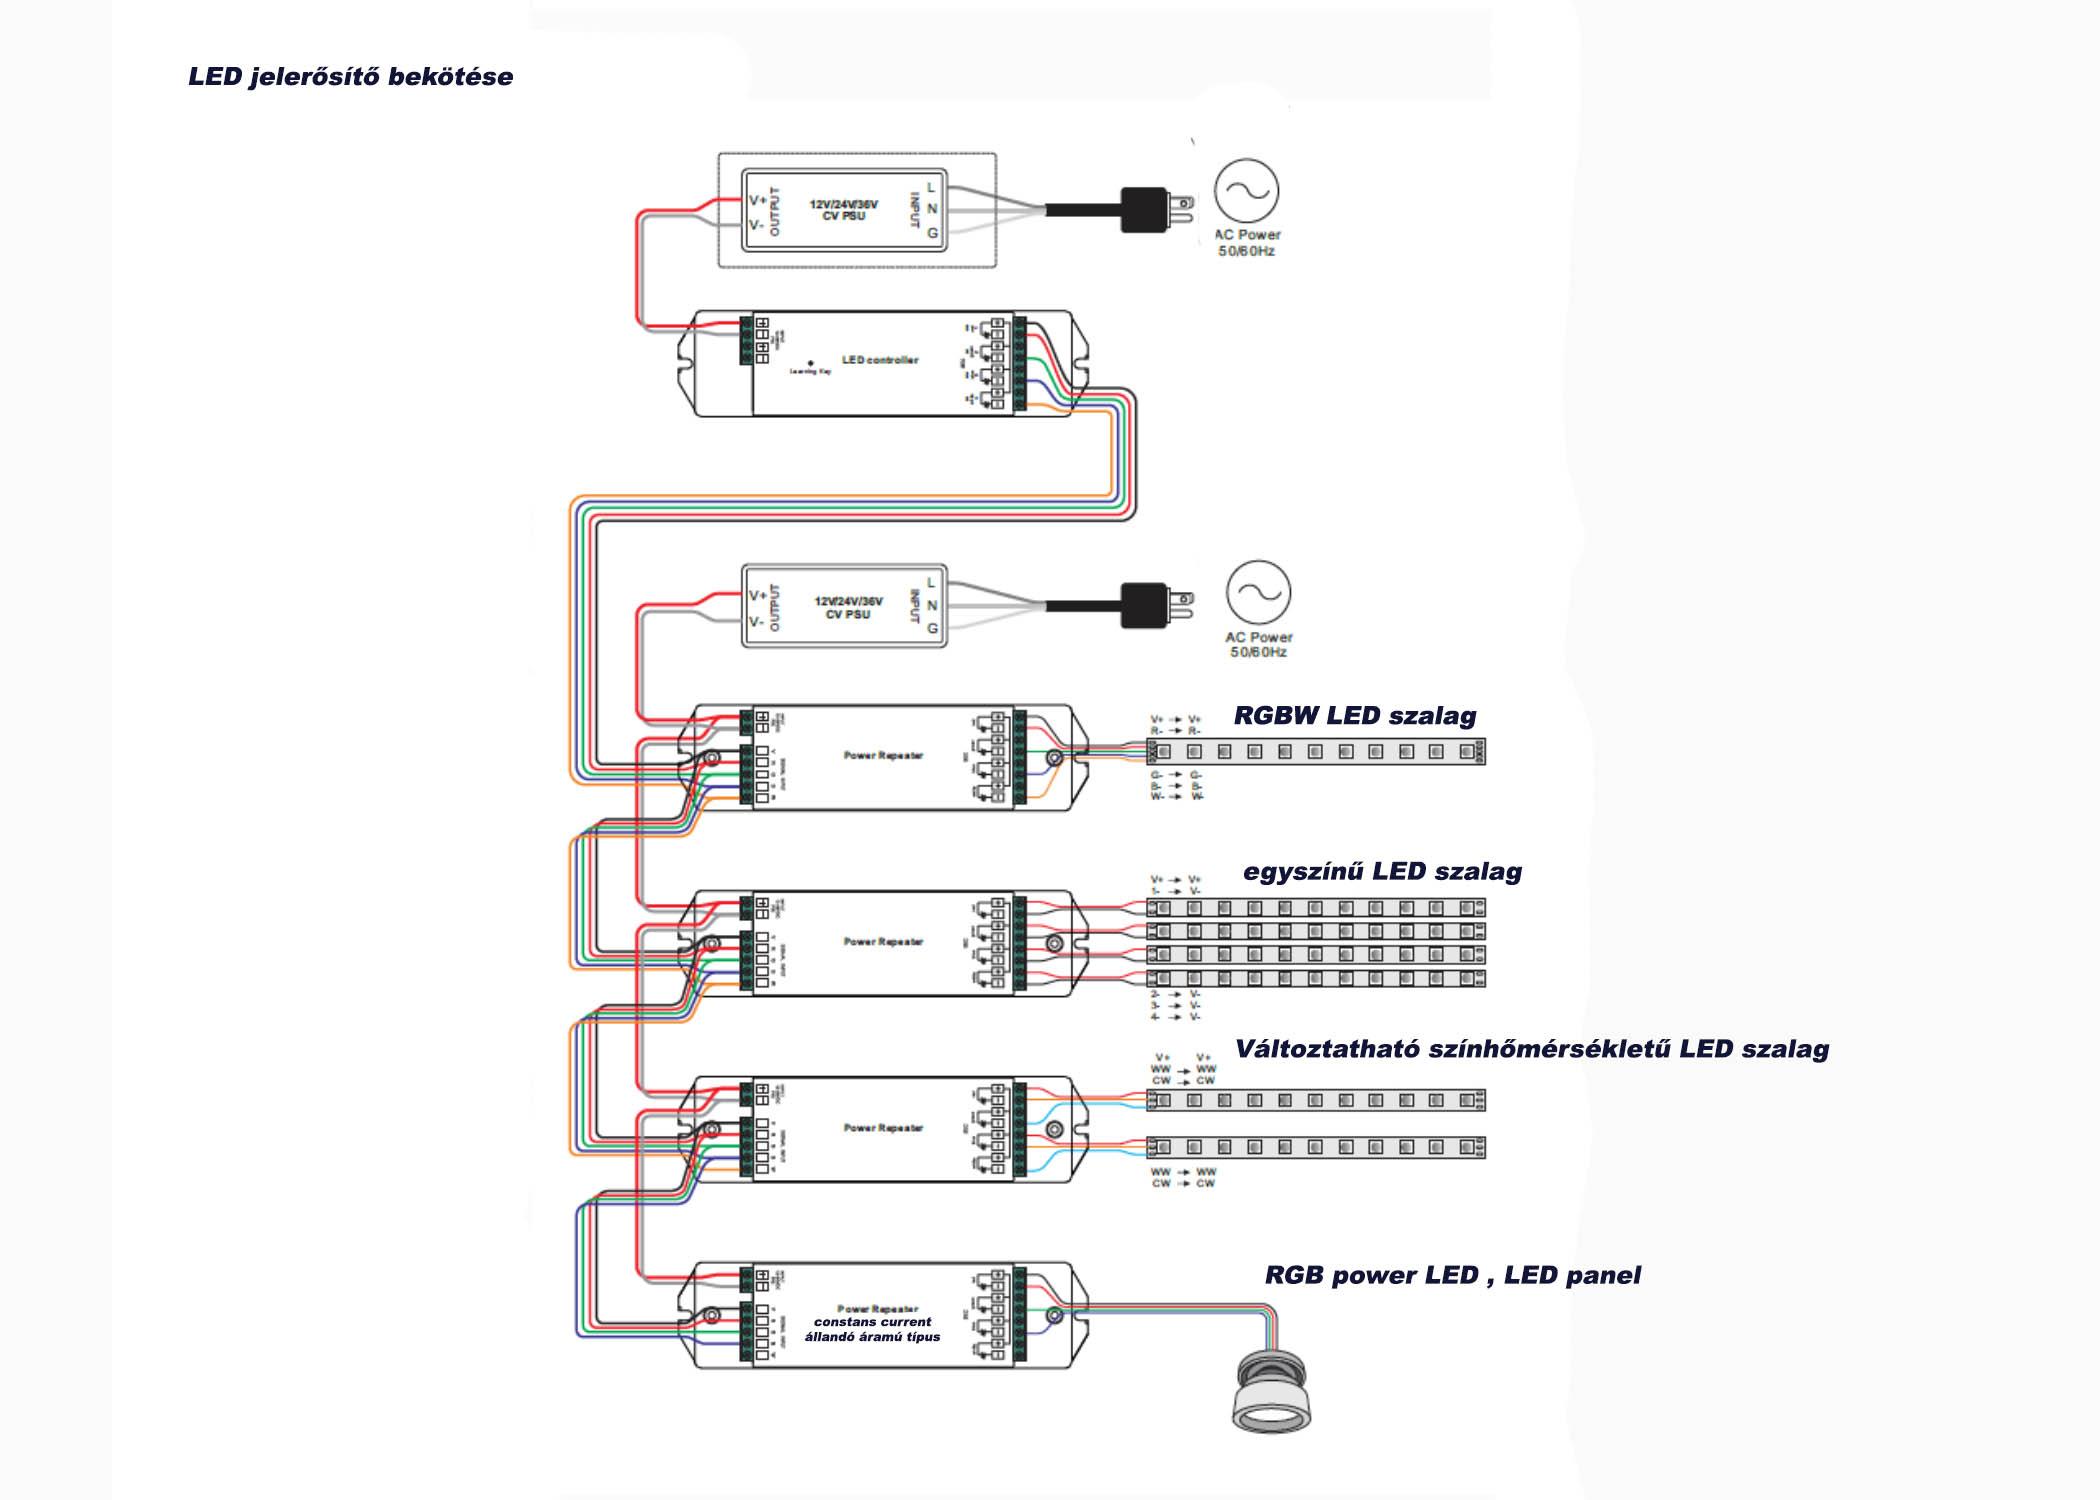 LED jelerősítő bekötése